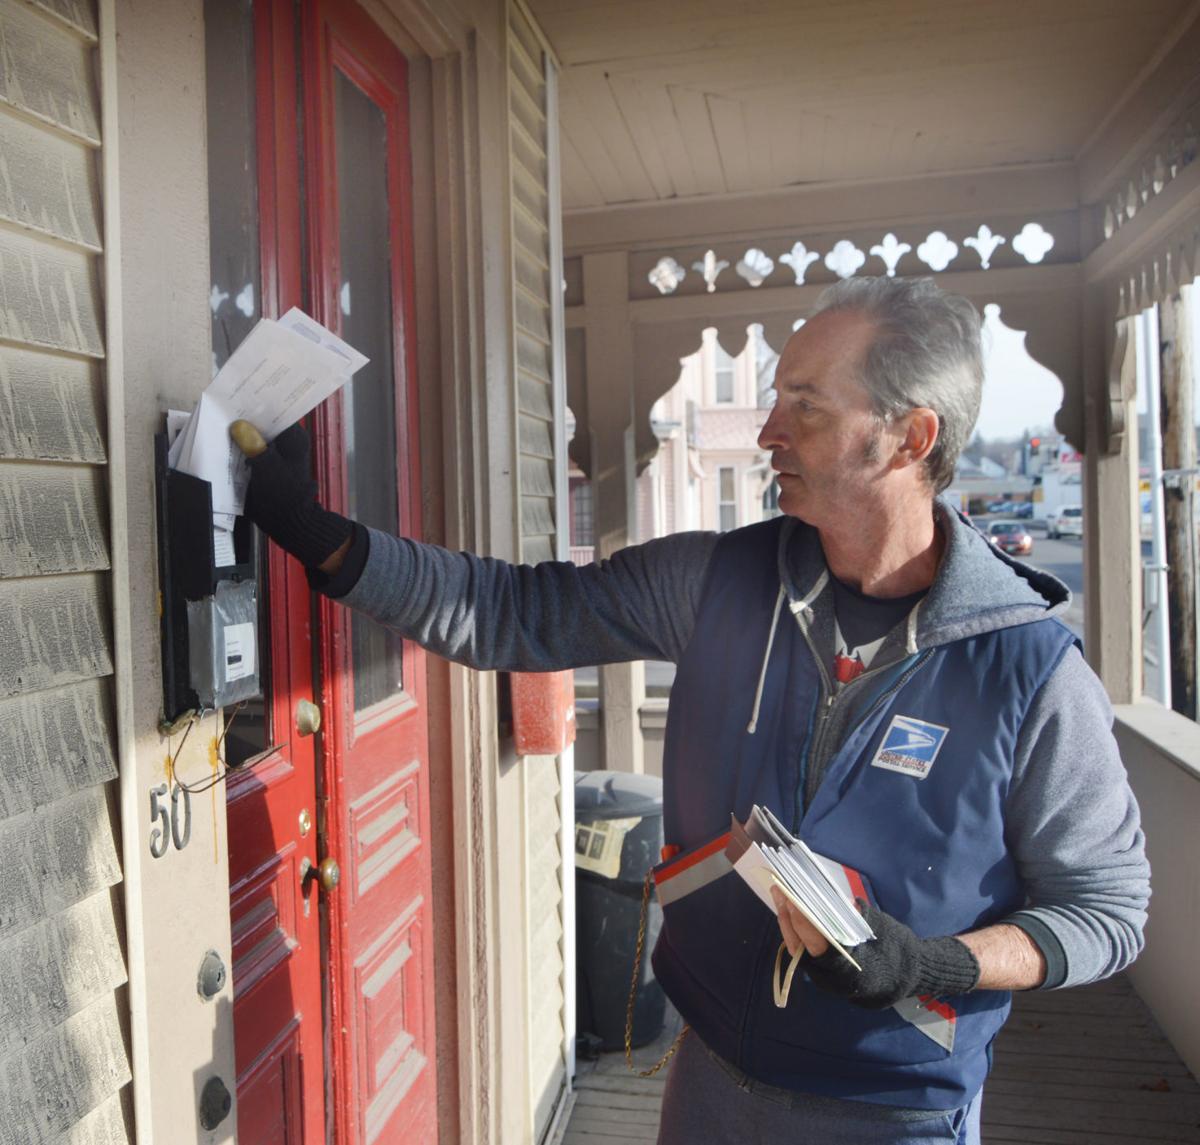 Retired letter carrier delivering mail